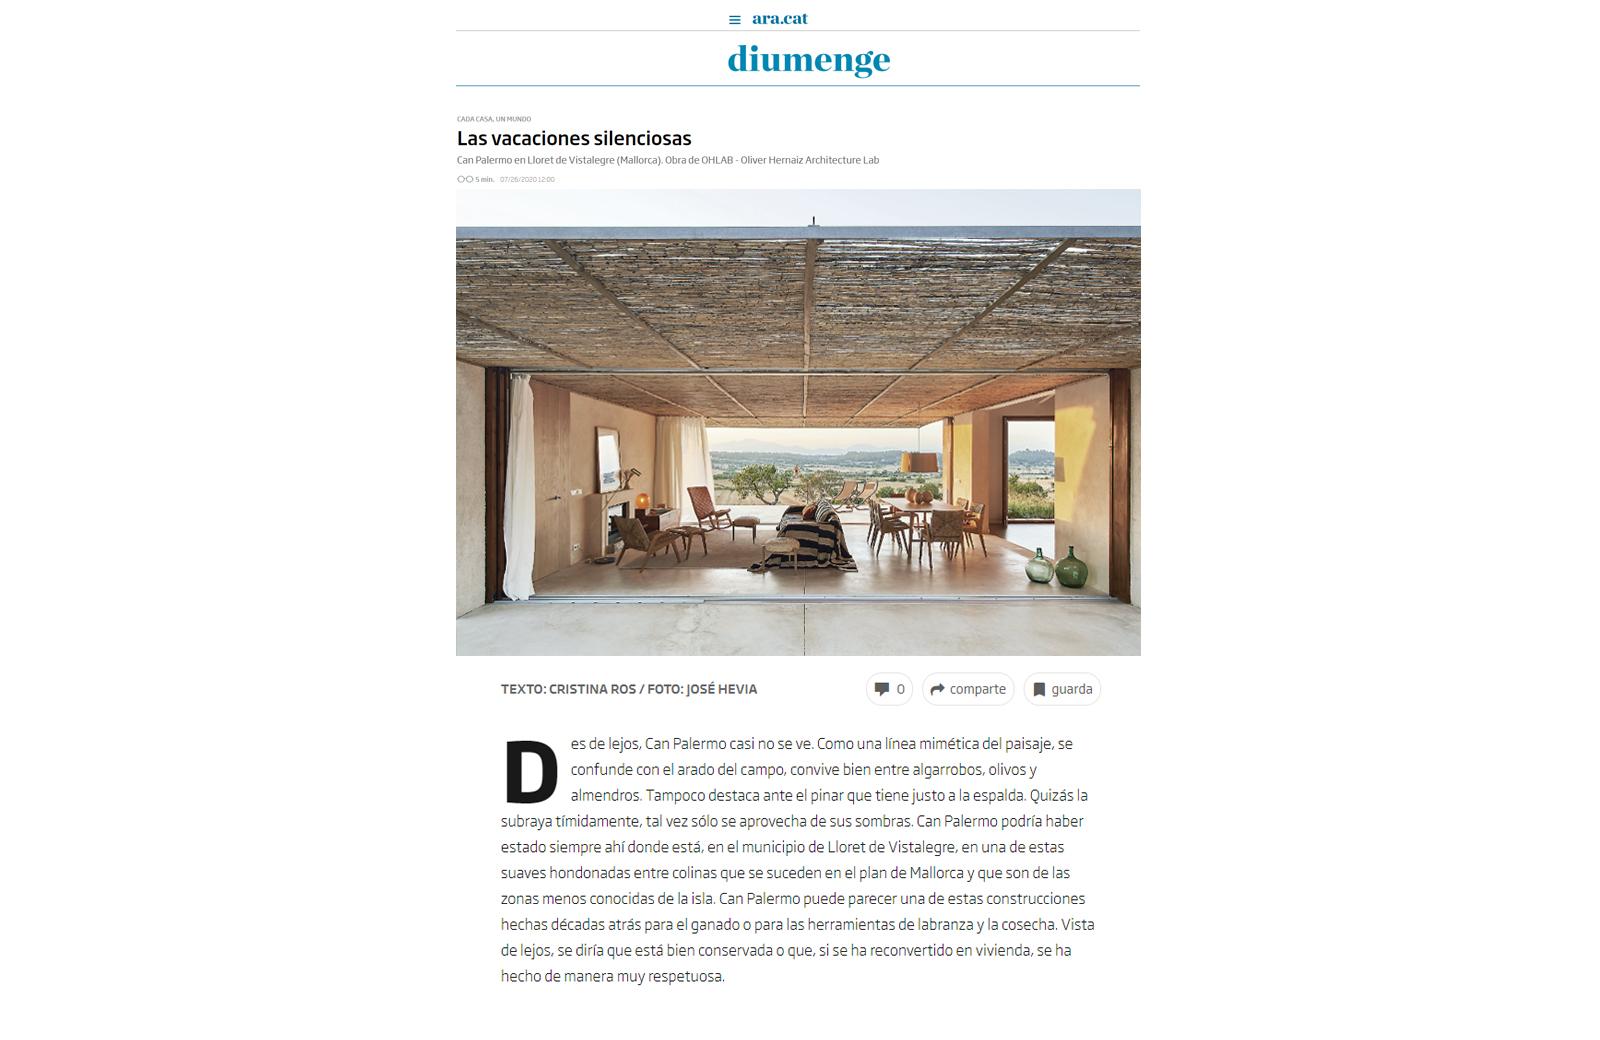 200726-diario-ara